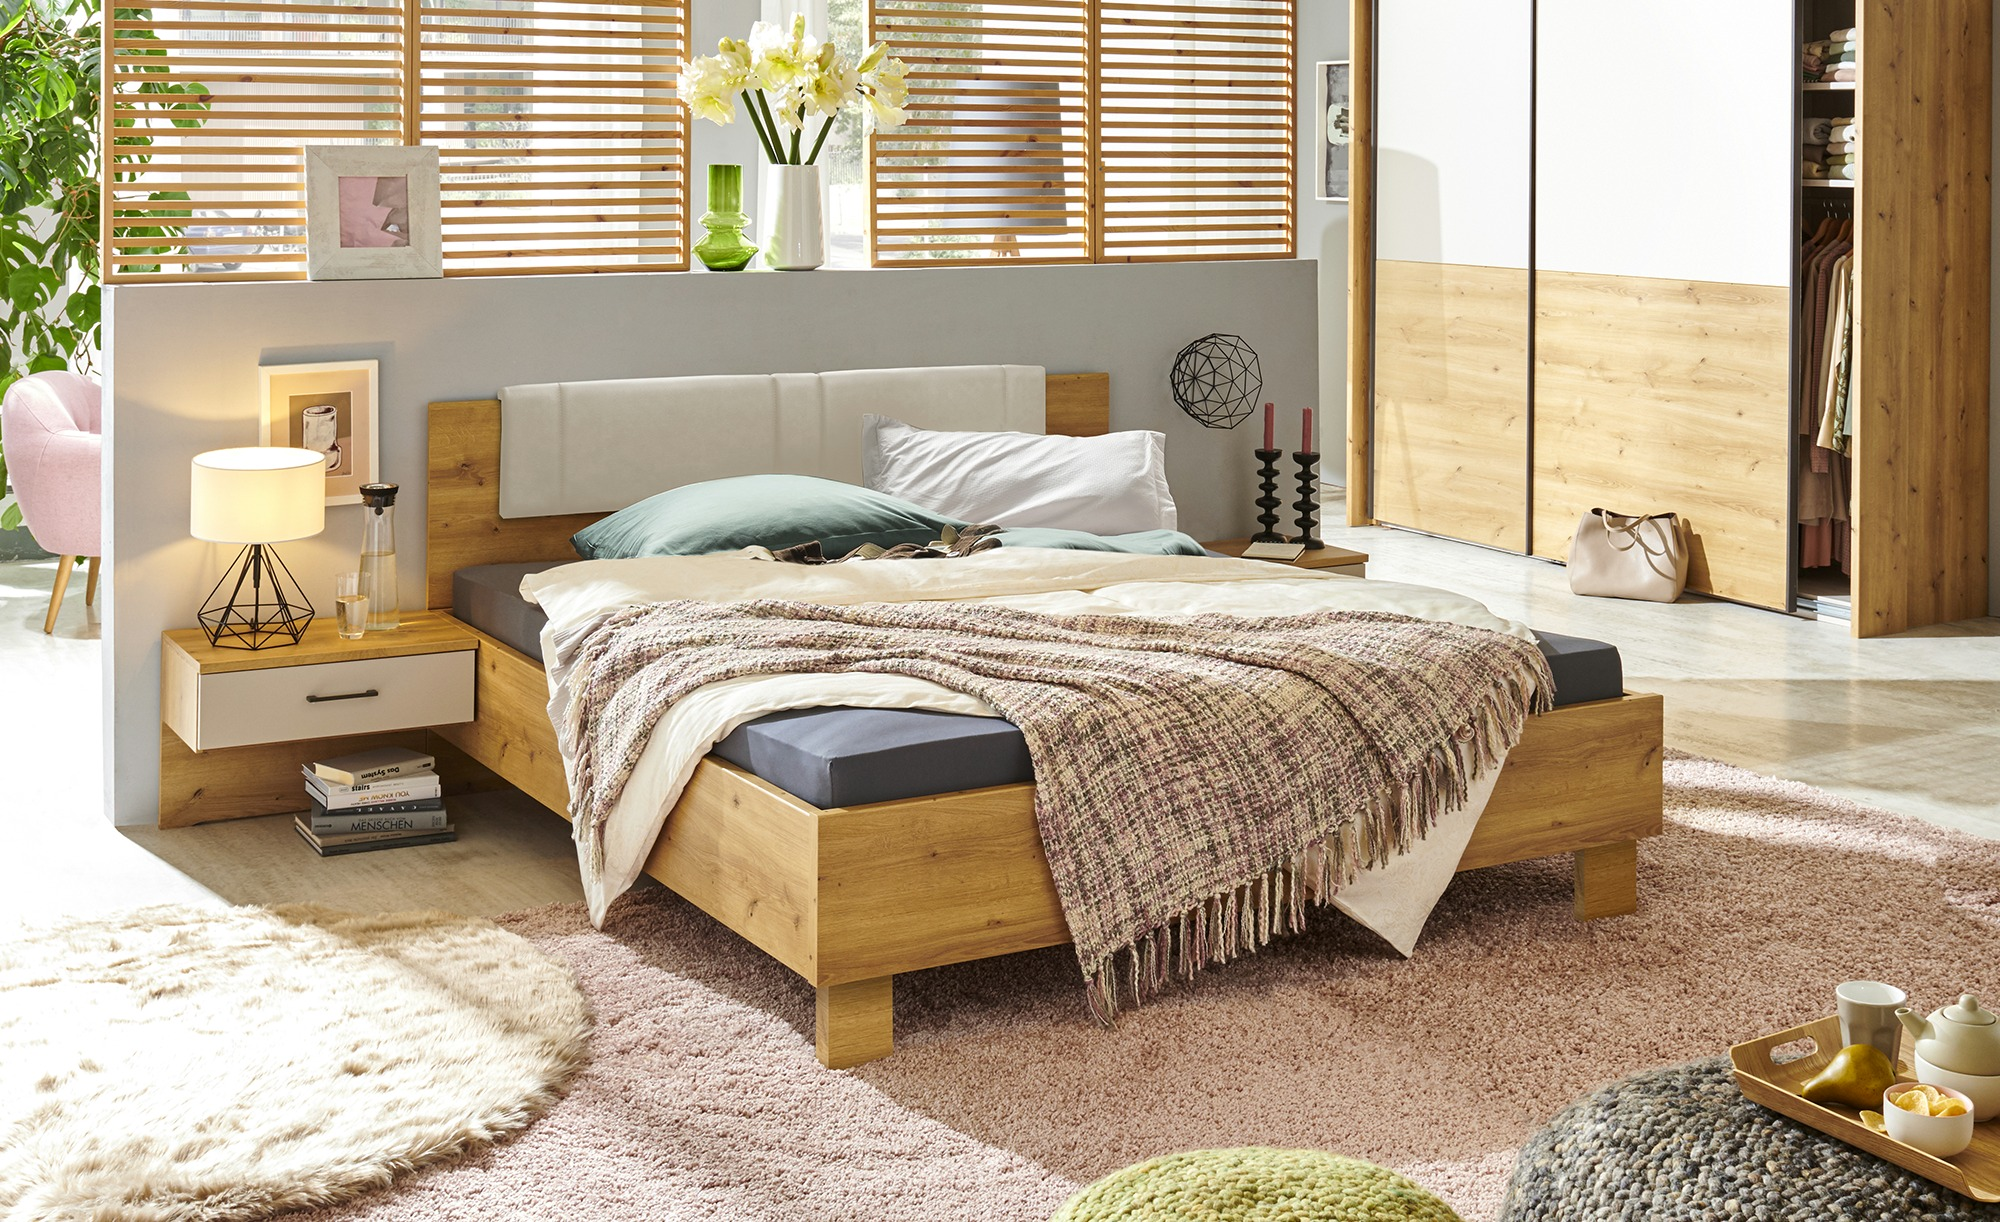 Full Size of Schlafzimmer Komplettangebote Otto Ikea Poco Italienische Angebote Dorndorf Derichs Romantische Deckenleuchte Modern Mit überbau Komplett Günstig Set Schlafzimmer Schlafzimmer Komplettangebote